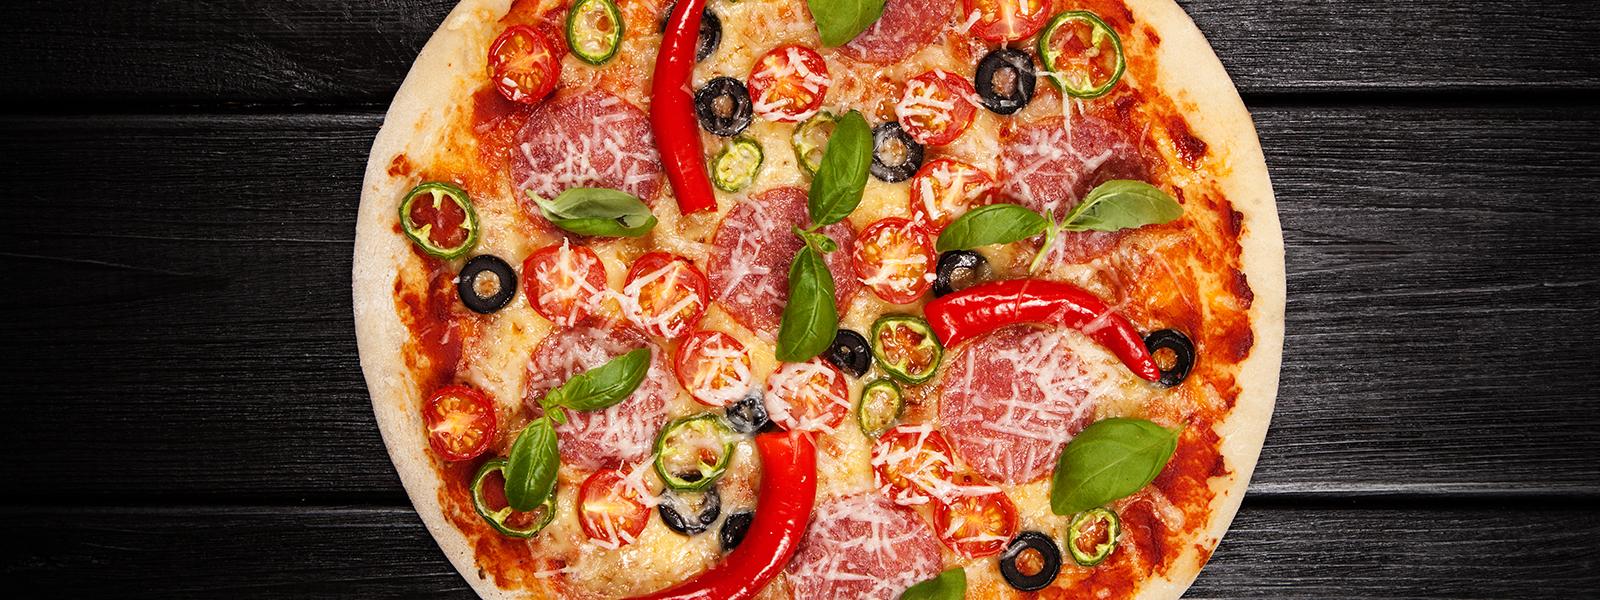 Tasty Pizza Tasty Pizza Merthyr Tydfil Takeaway Order